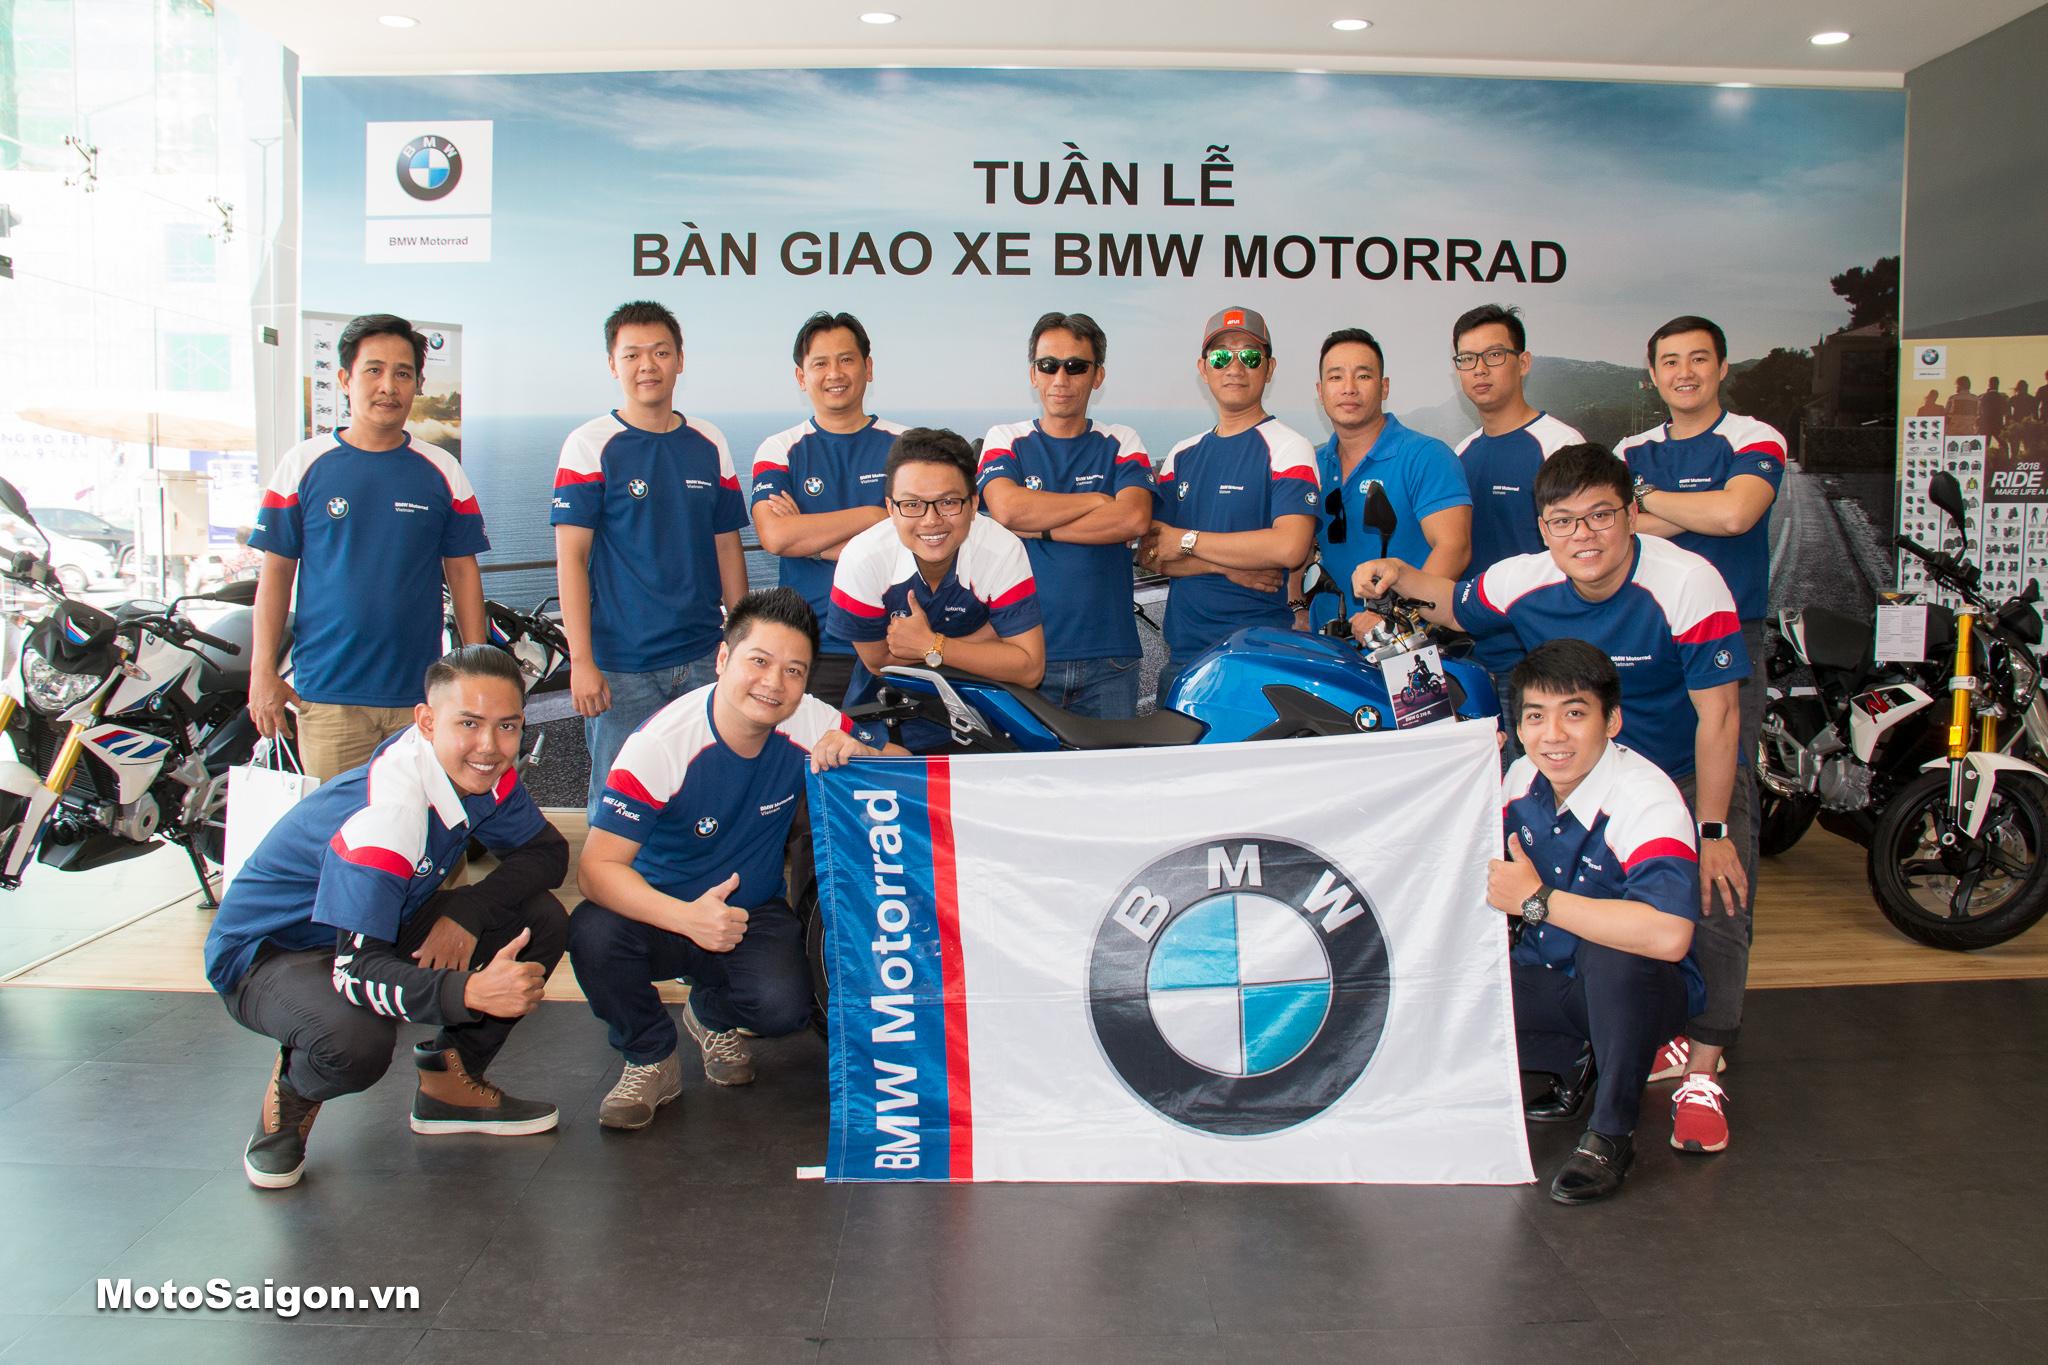 Lễ bàn giao xe BMW Motorrad chính hãng đã đến tay các khách hàng đầu tiên